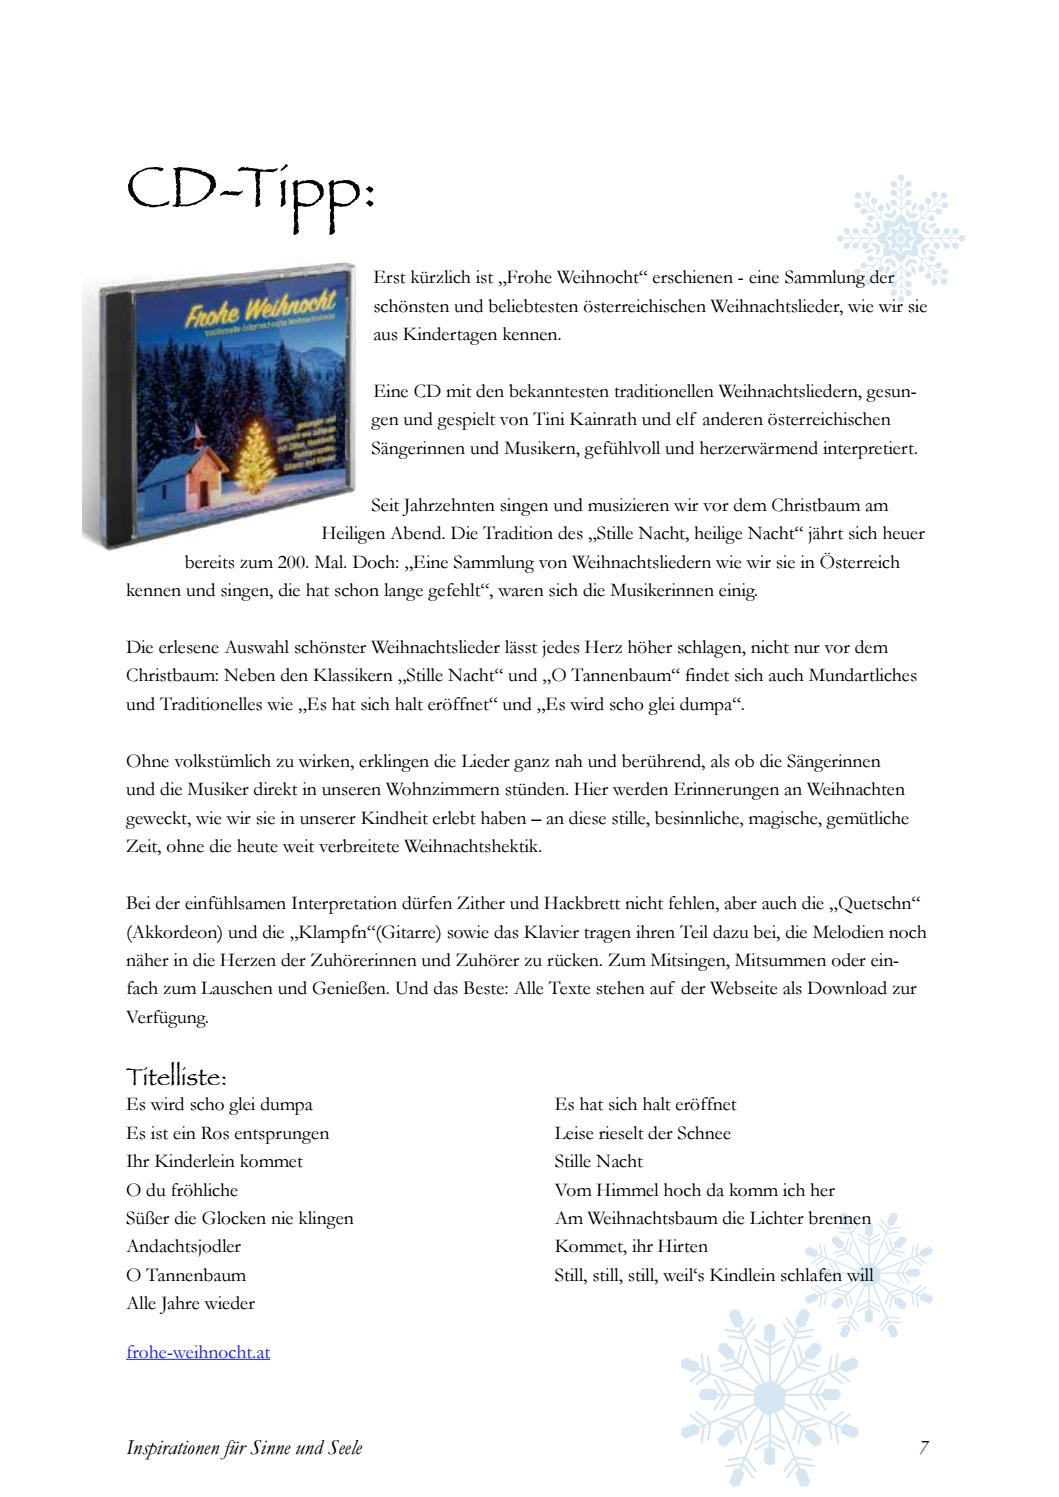 Weihnachtslieder Texte Sammlung.Inspirationen Für Sinne Und Seele Winter 2018 By Karina Schneider